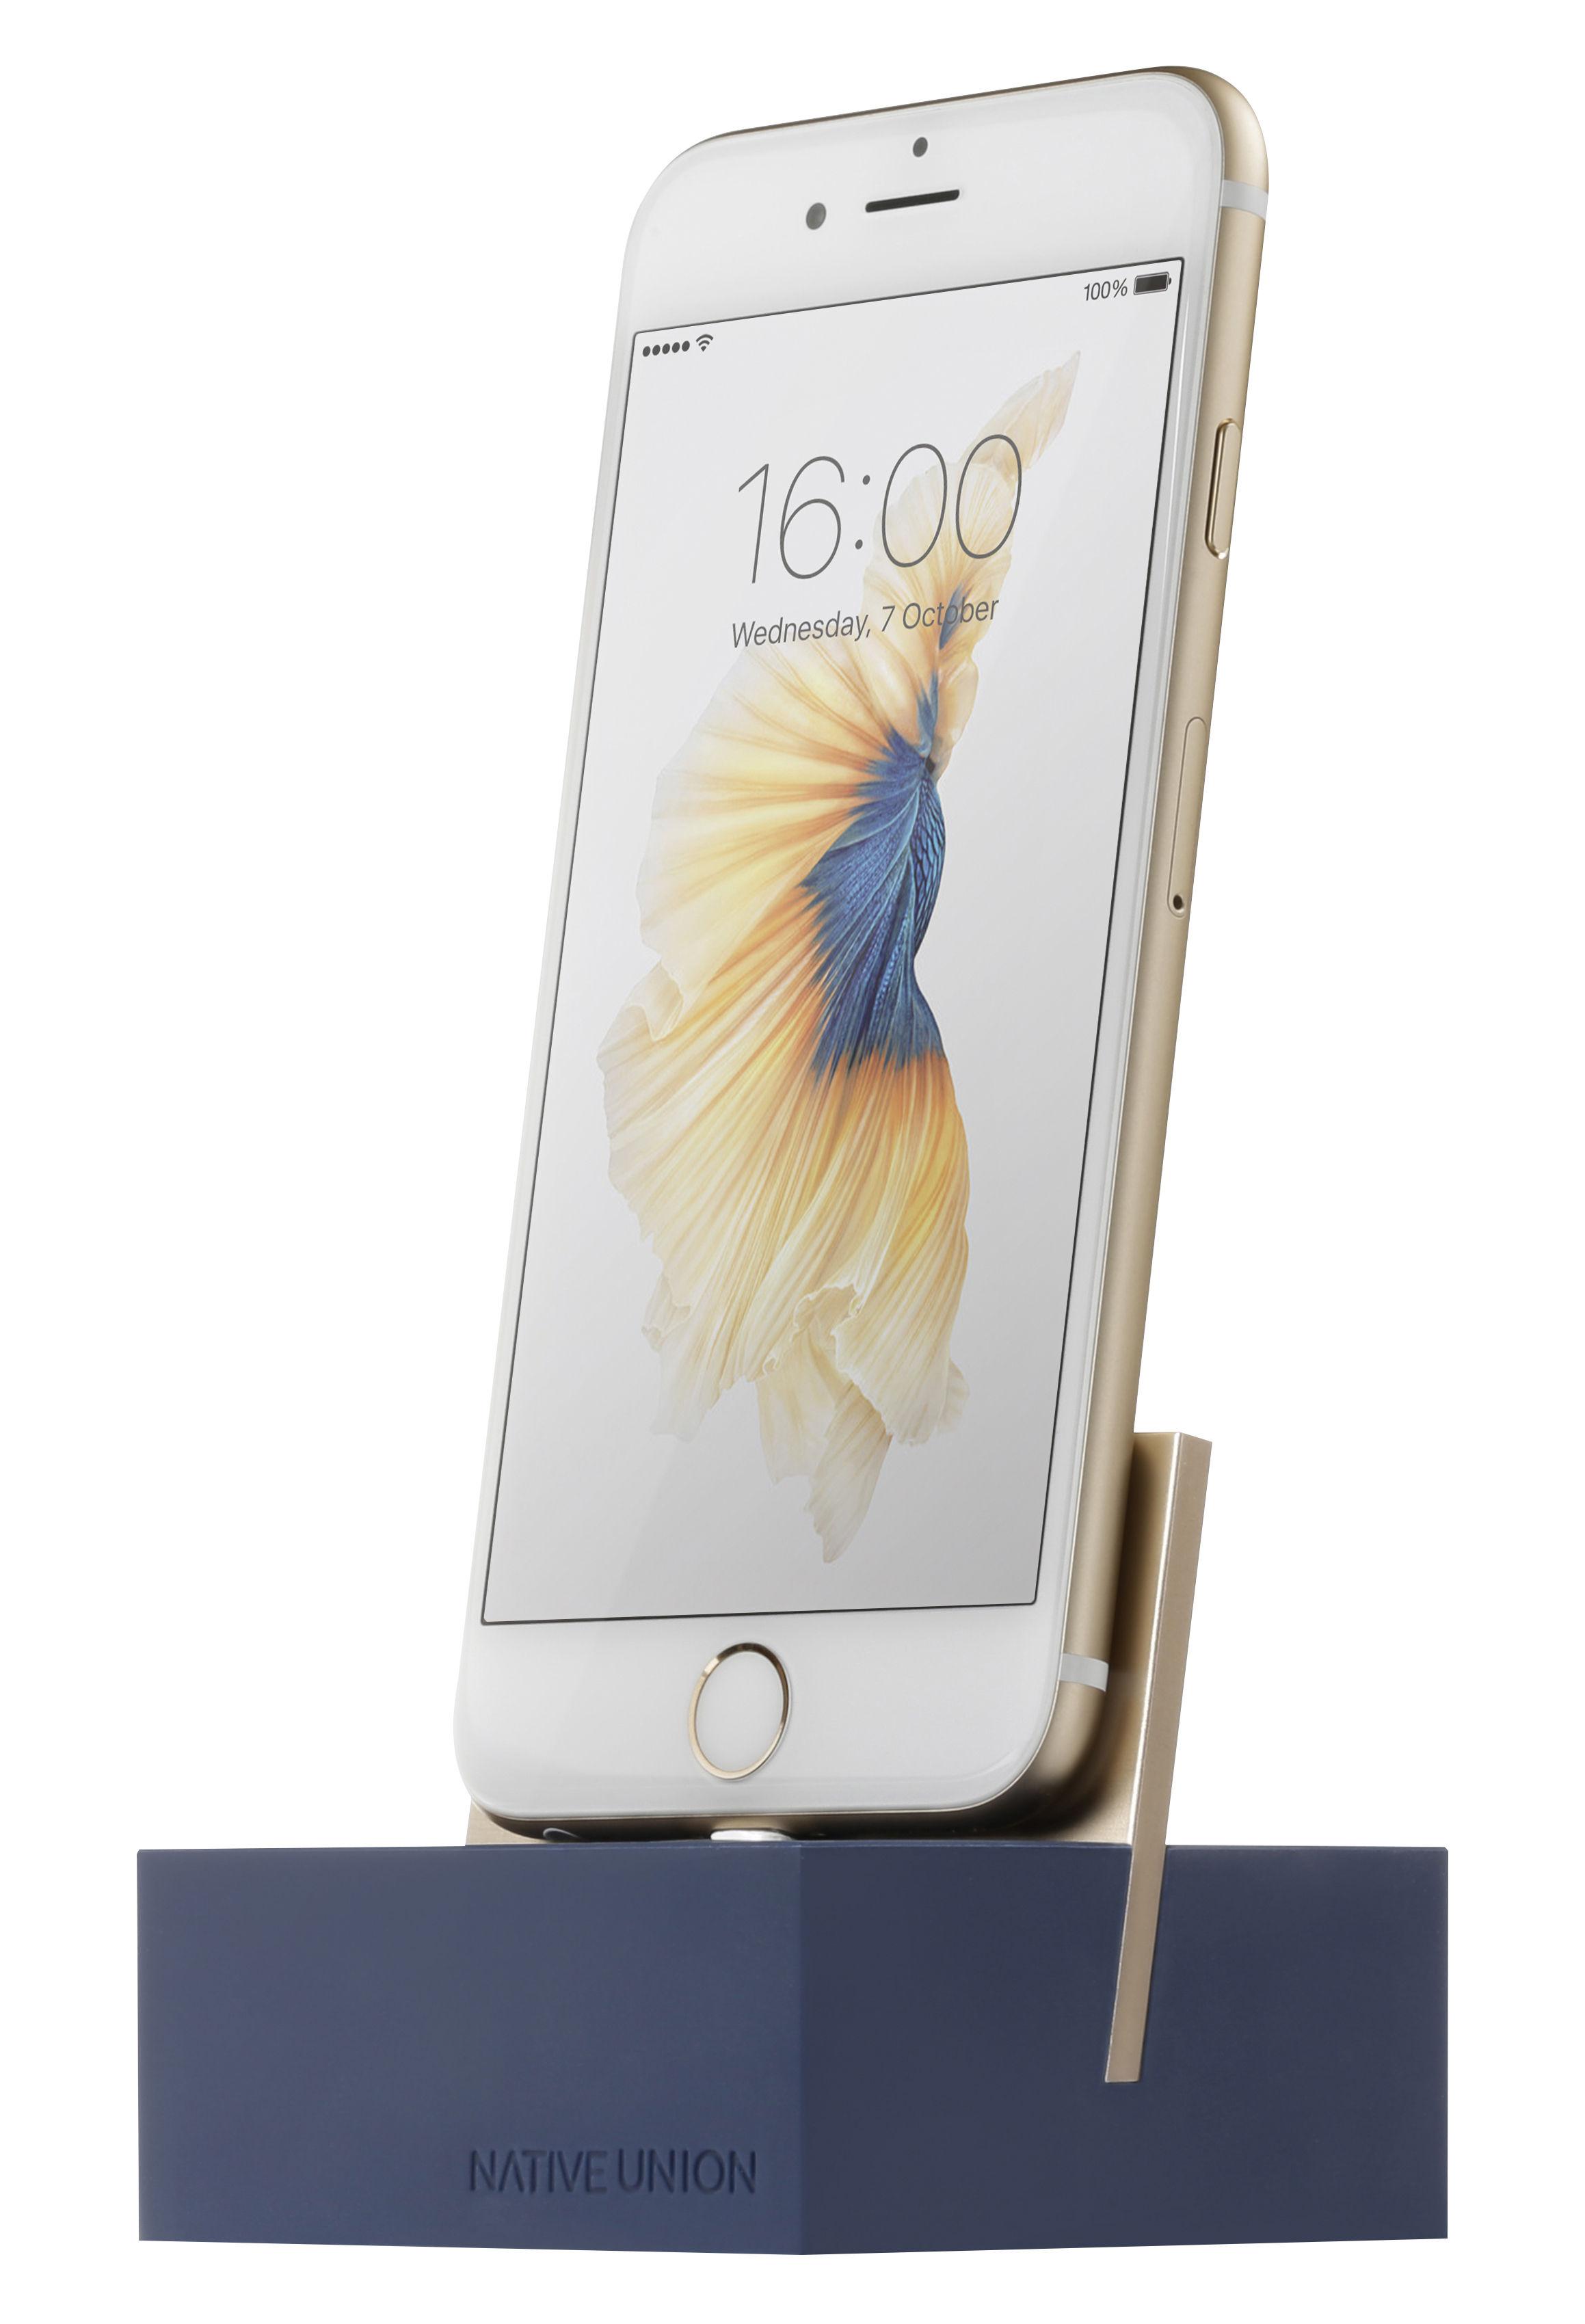 Accessori moda - High-tech  - Stazione d'accoglienza per Iphone / Con cavo Lightning 1.2M - Native Union - Blu / Metallo dorato - Alliage de zinc, Alluminio, Silicone